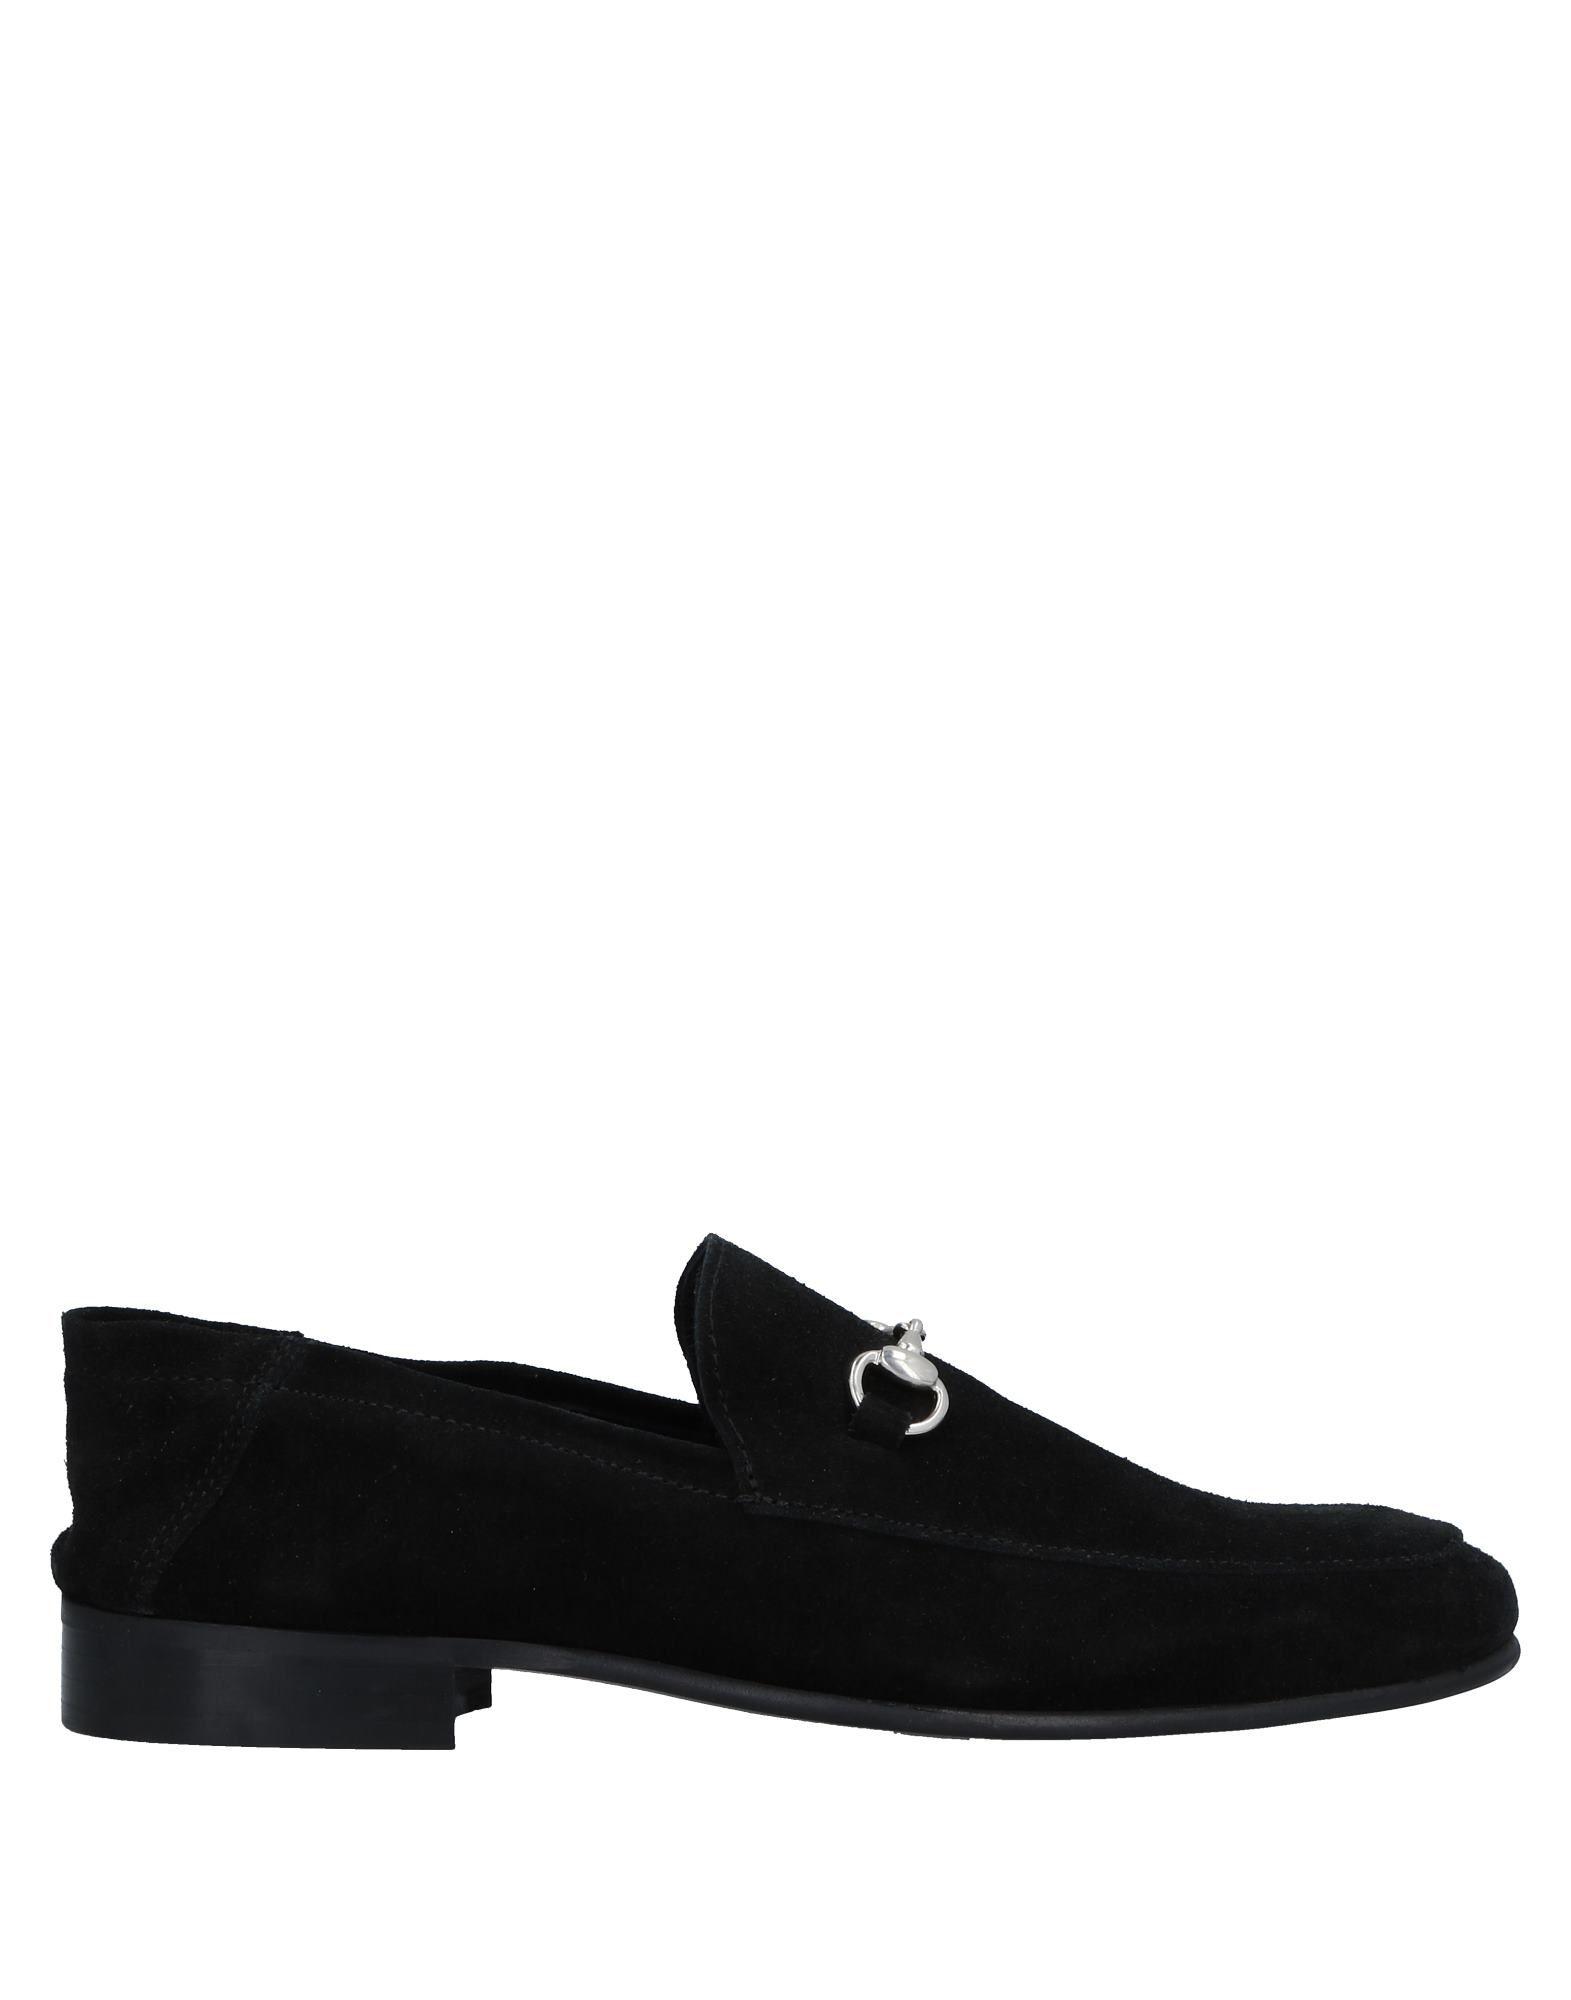 Rabatt echte Schuhe Daniele Alessandrini Mokassins Herren  11416884BP